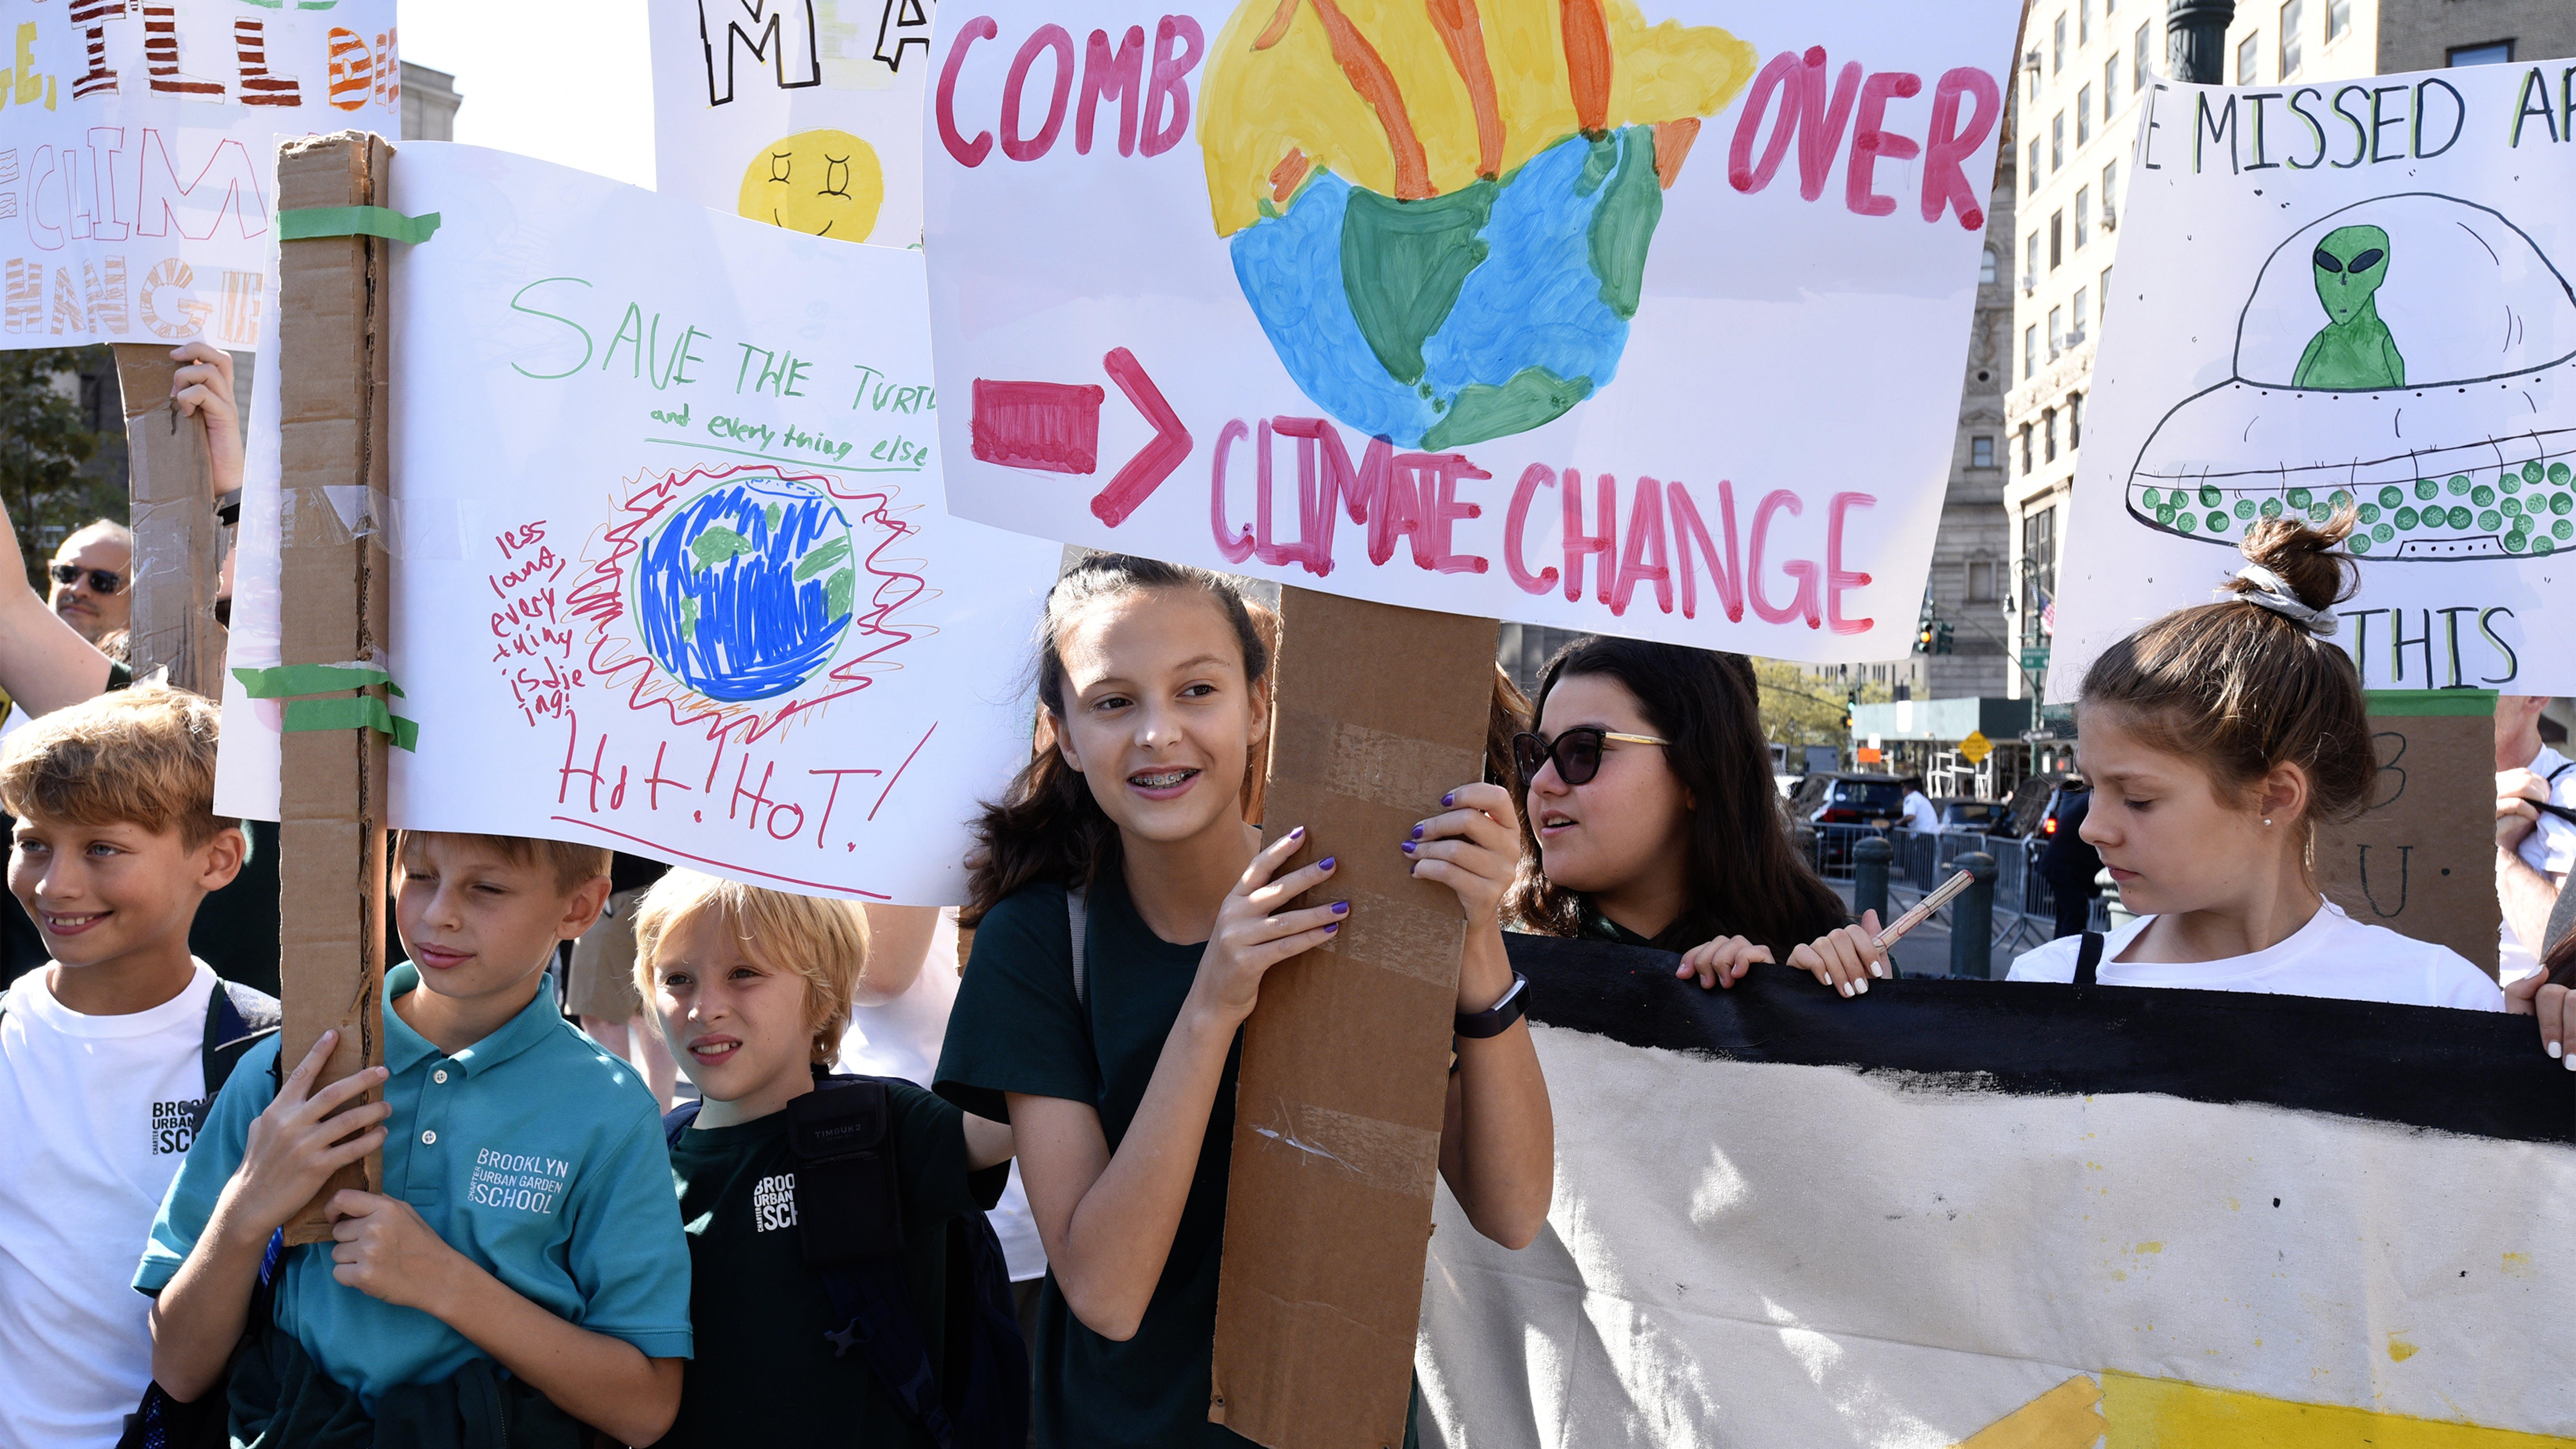 New York, settembre 2019: giovani attivisti partecipano alla manifestazione contro il cambiamento climatico